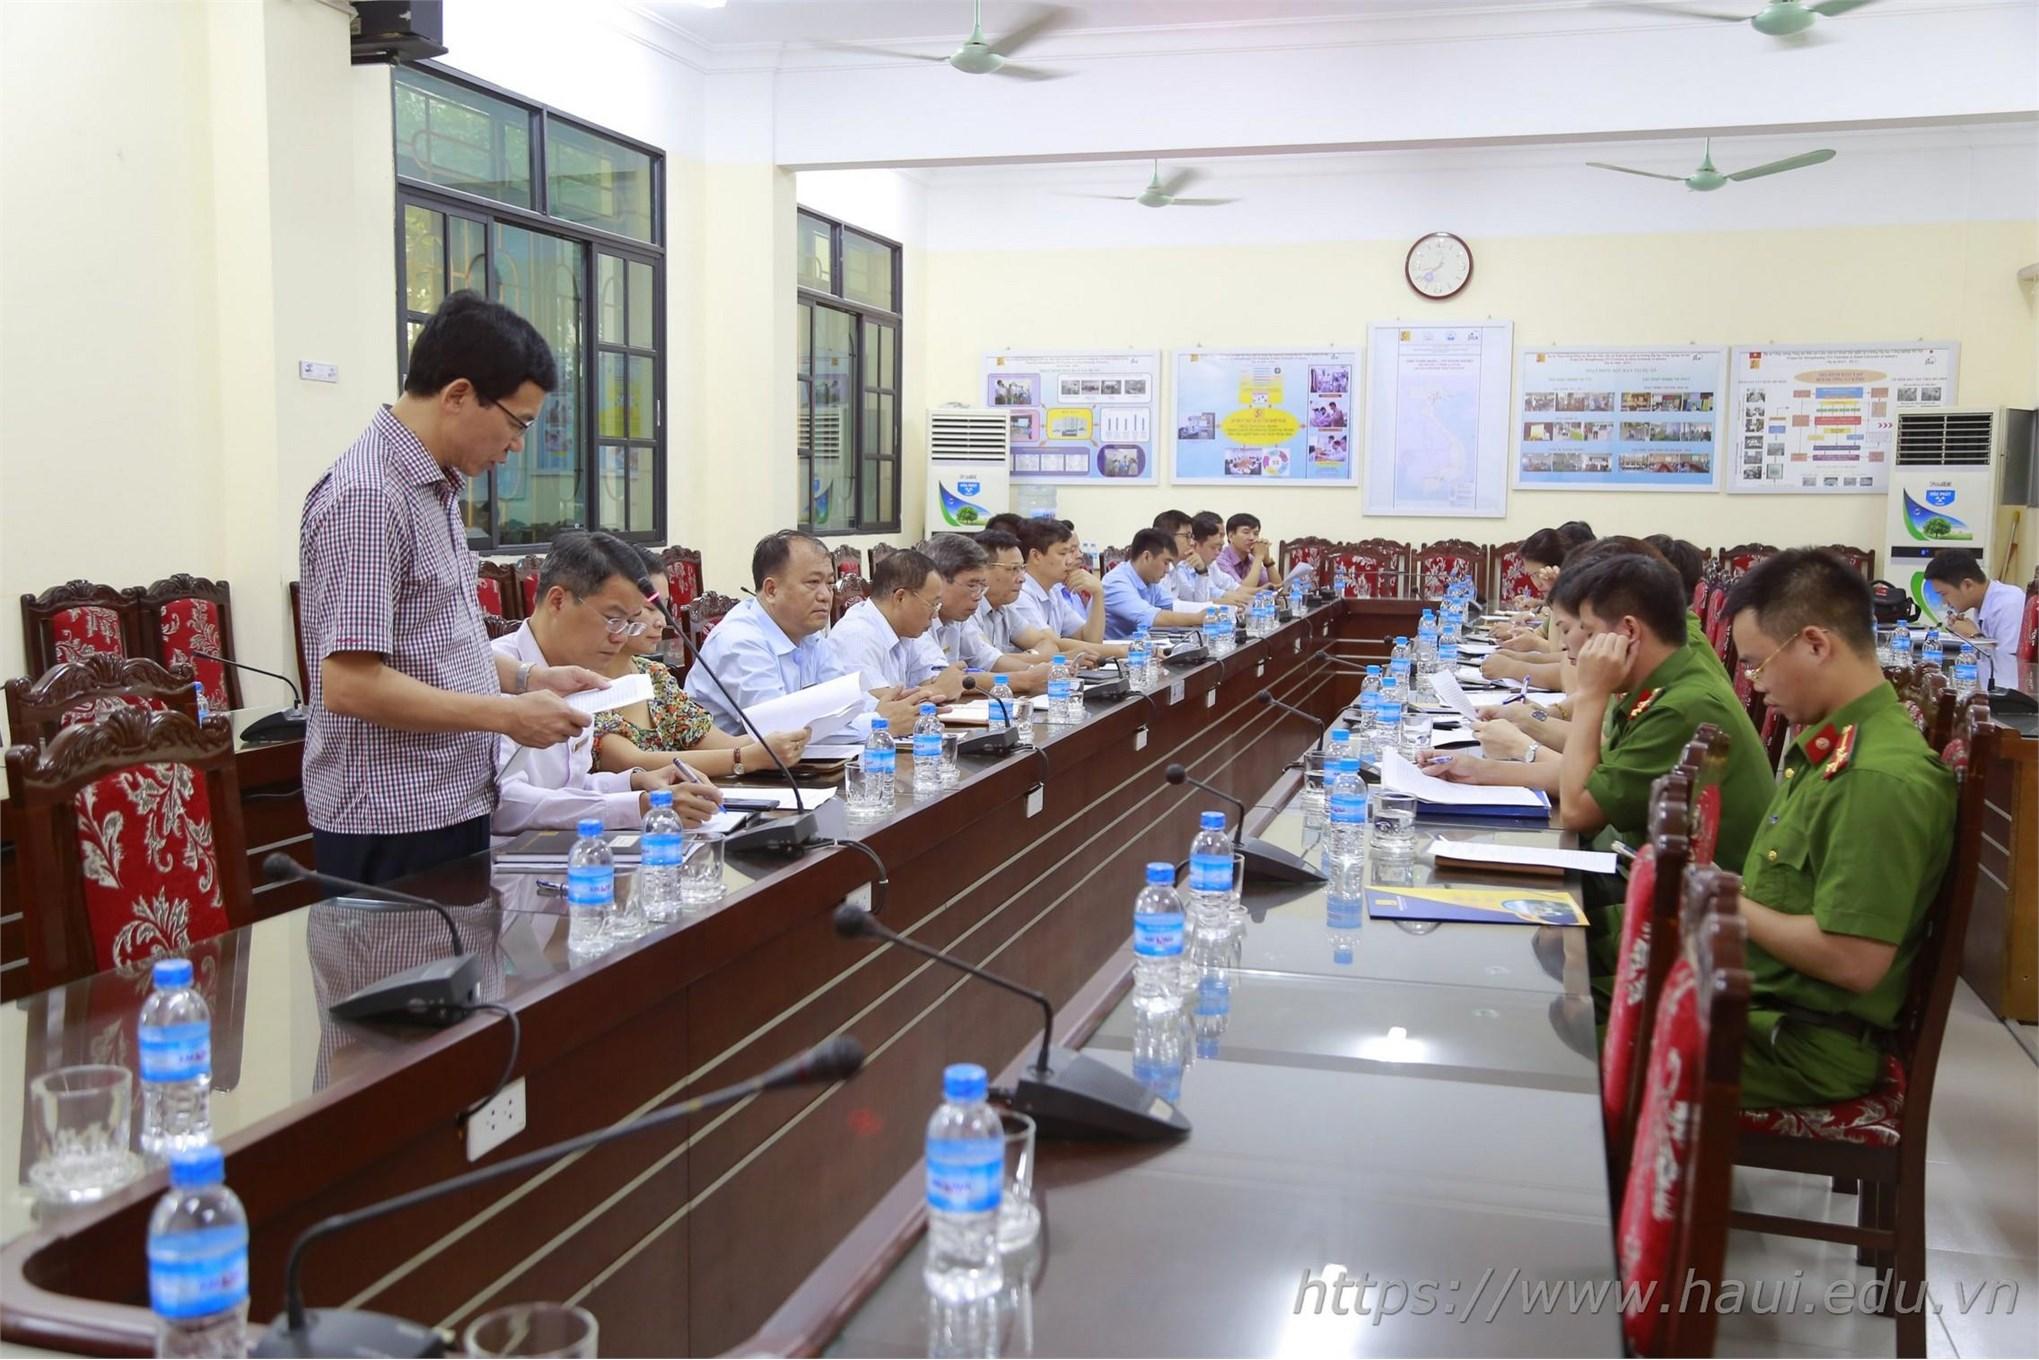 Hội nghị tổng kết công tác đảm bảo ANTT năm học 2018 - 2019, triển khai kế hoạch đảm bảo ANTT năm học 2019 - 2020